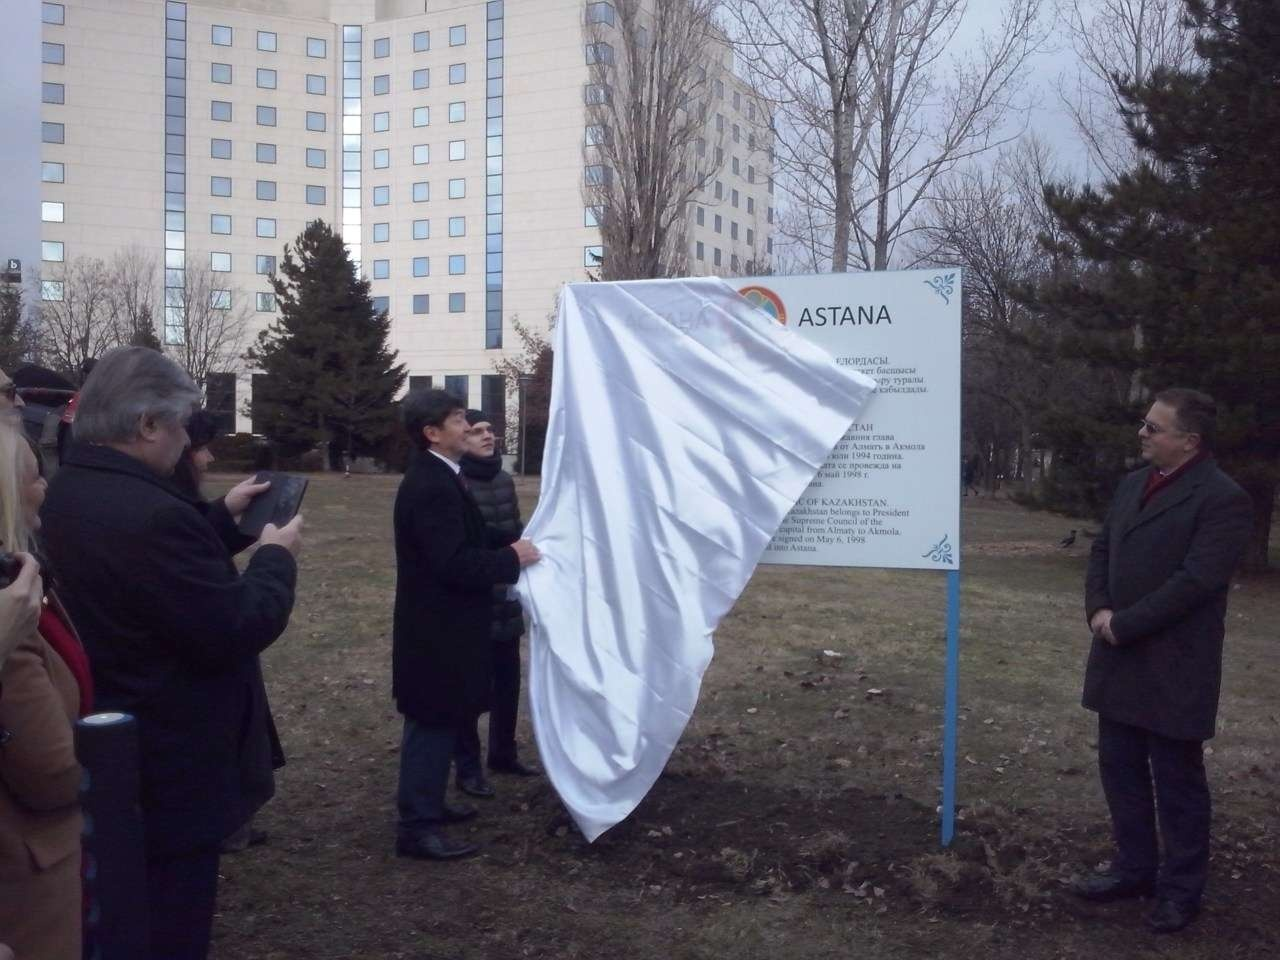 Открытие улицы Астана в Софии